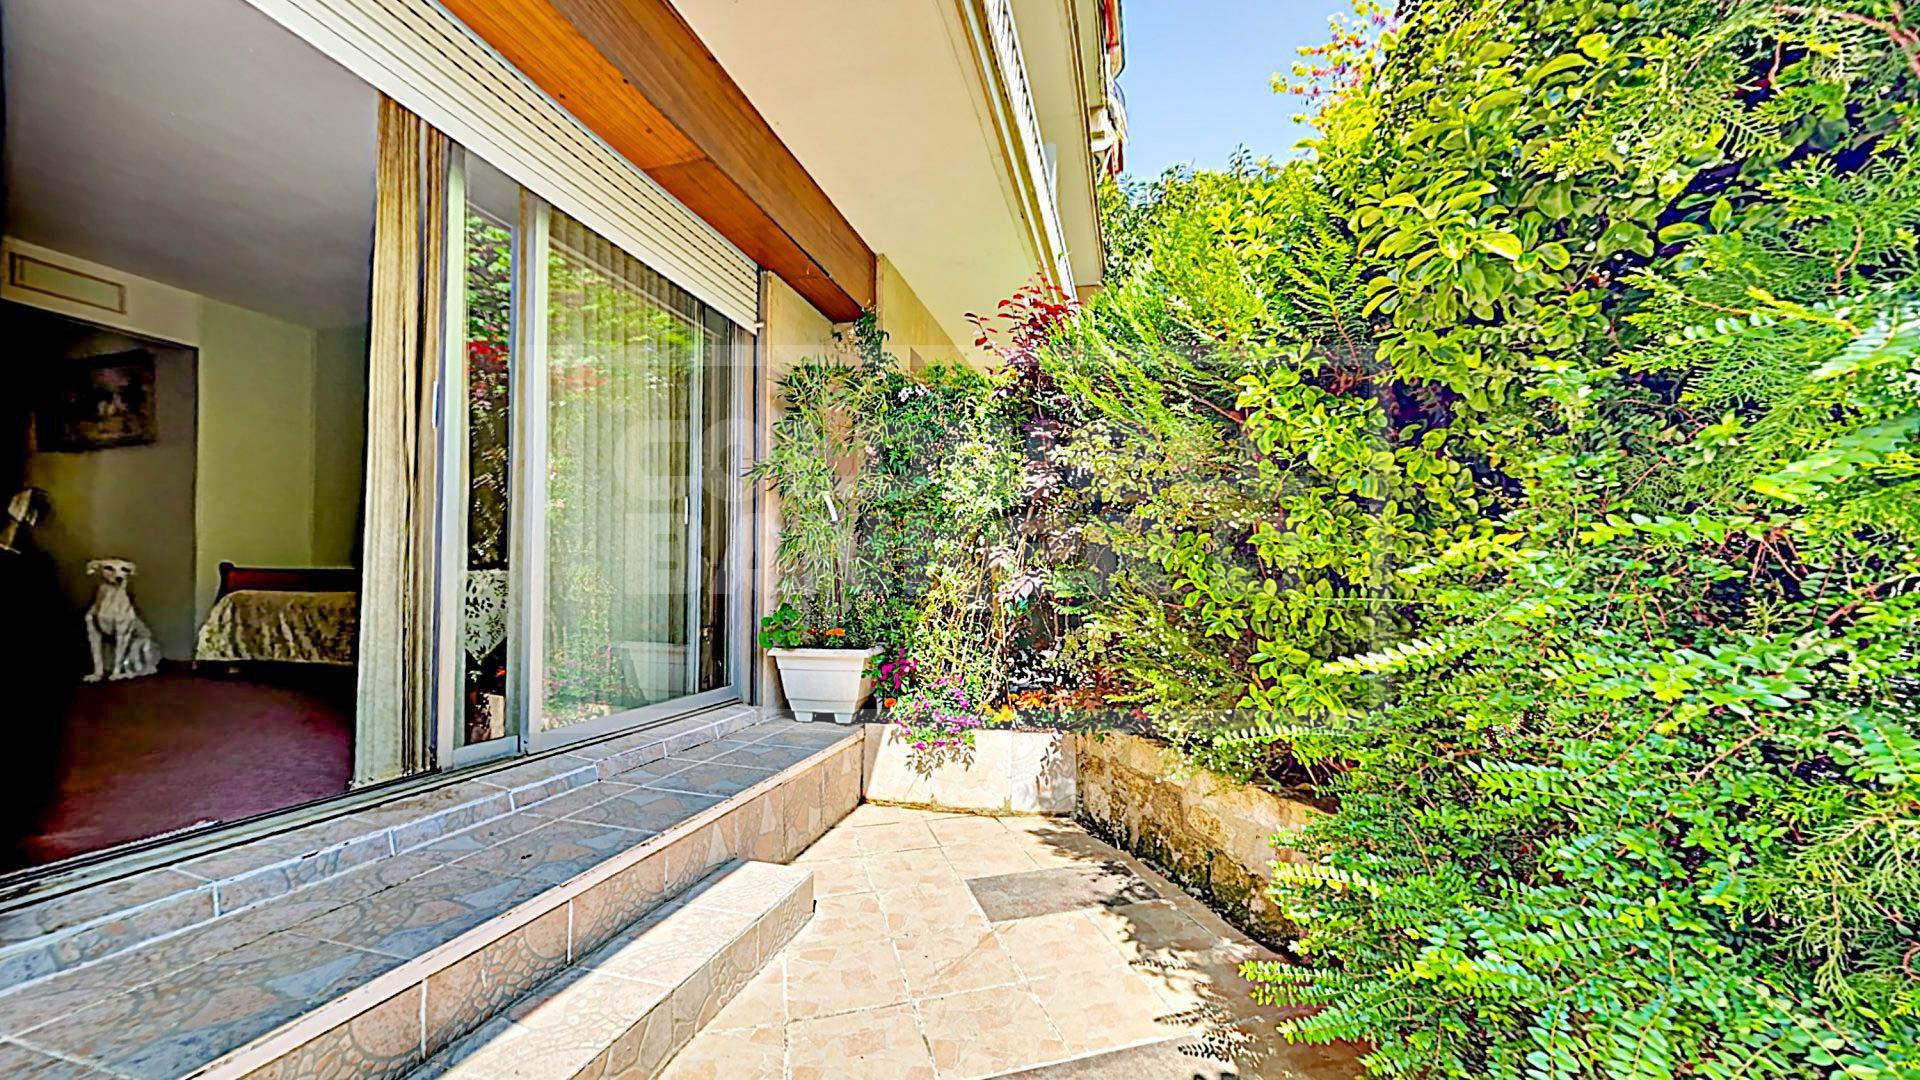 Rez De Jardin 2/3 Pièces Avec Terrasse De 60M2 Réf. 2980745-Oslf encequiconcerne Location Rez De Jardin Lyon